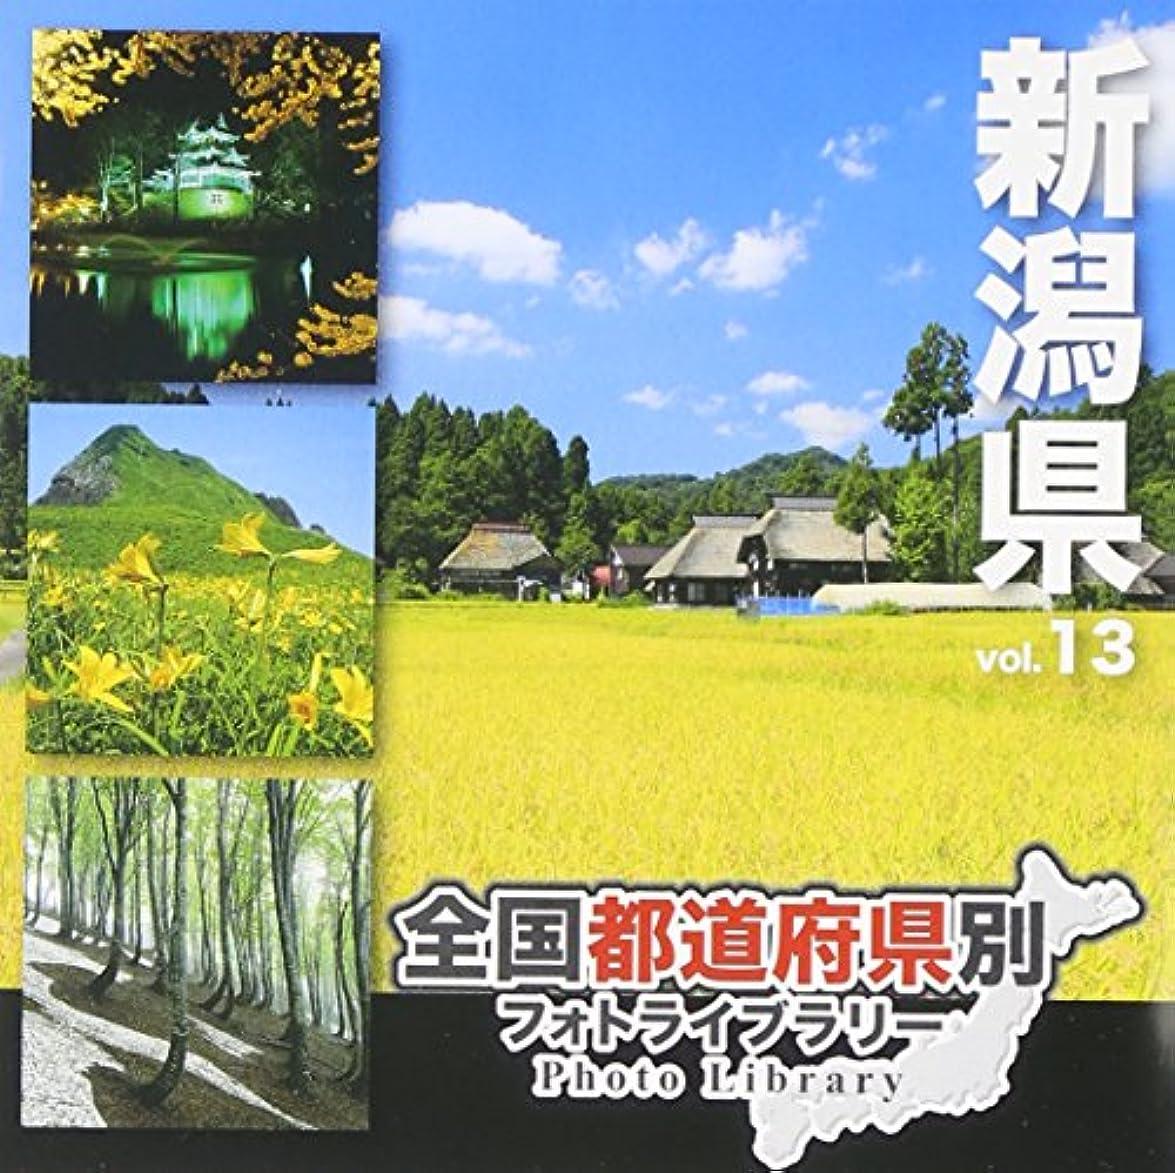 リッチ貴重なオンス全国都道府県別フォトライブラリー Vol.13 新潟県